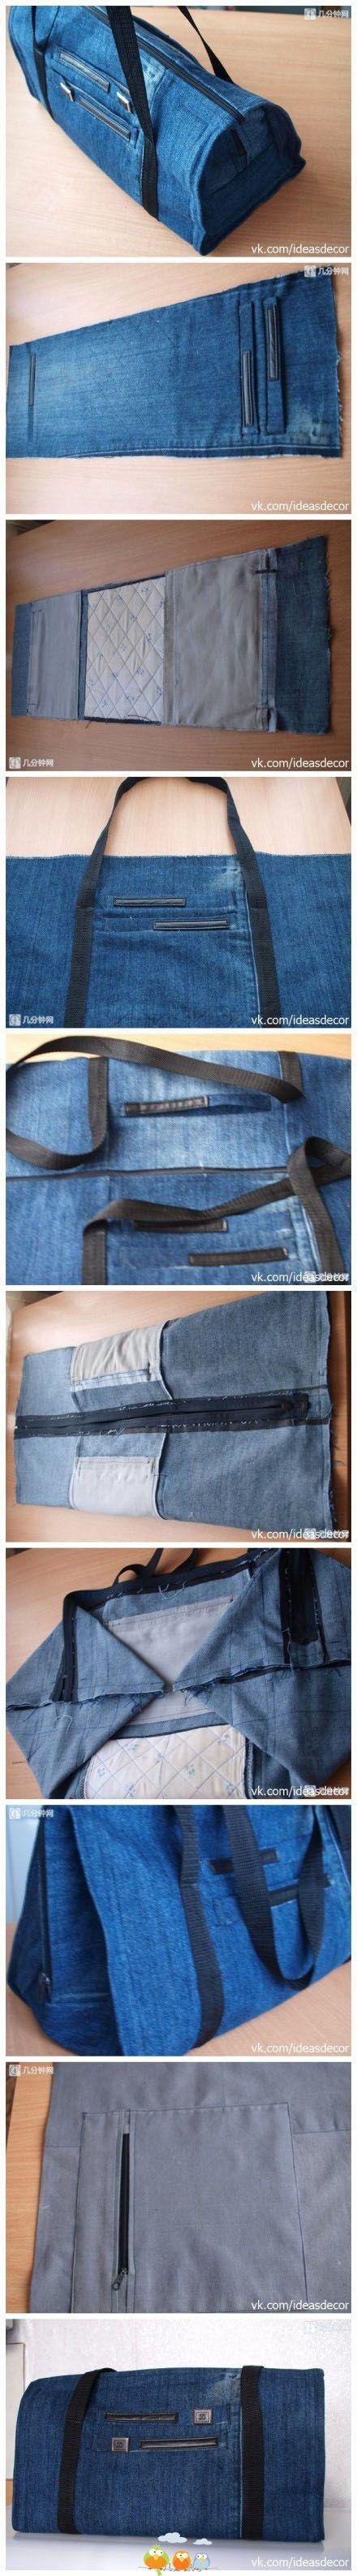 mala de calça jeans